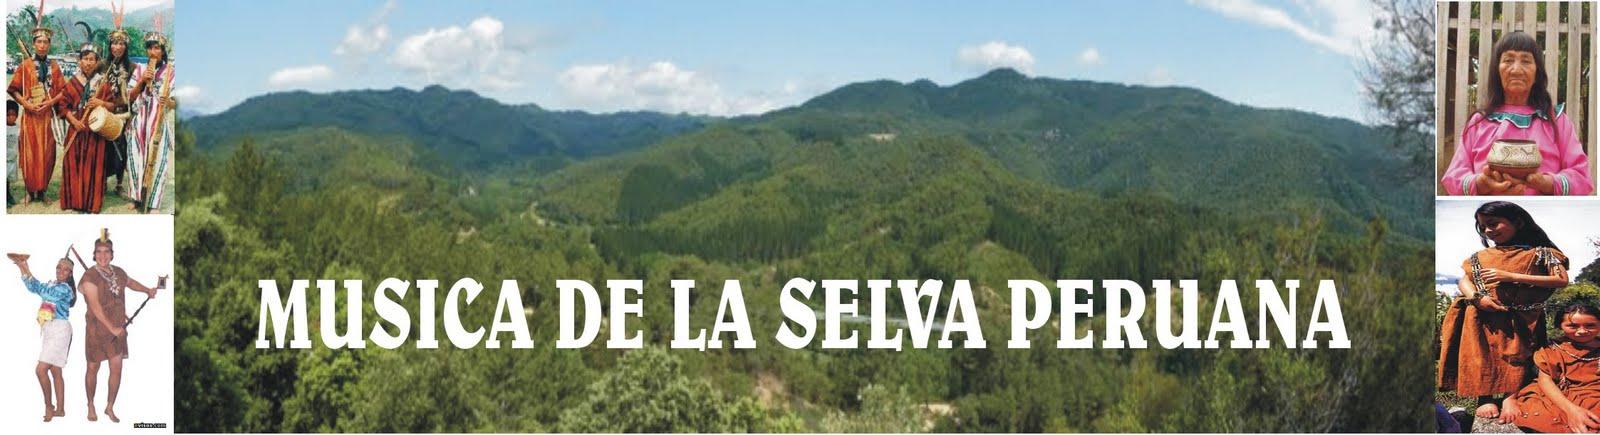 MUSICA DE LA SELVA PERUANA